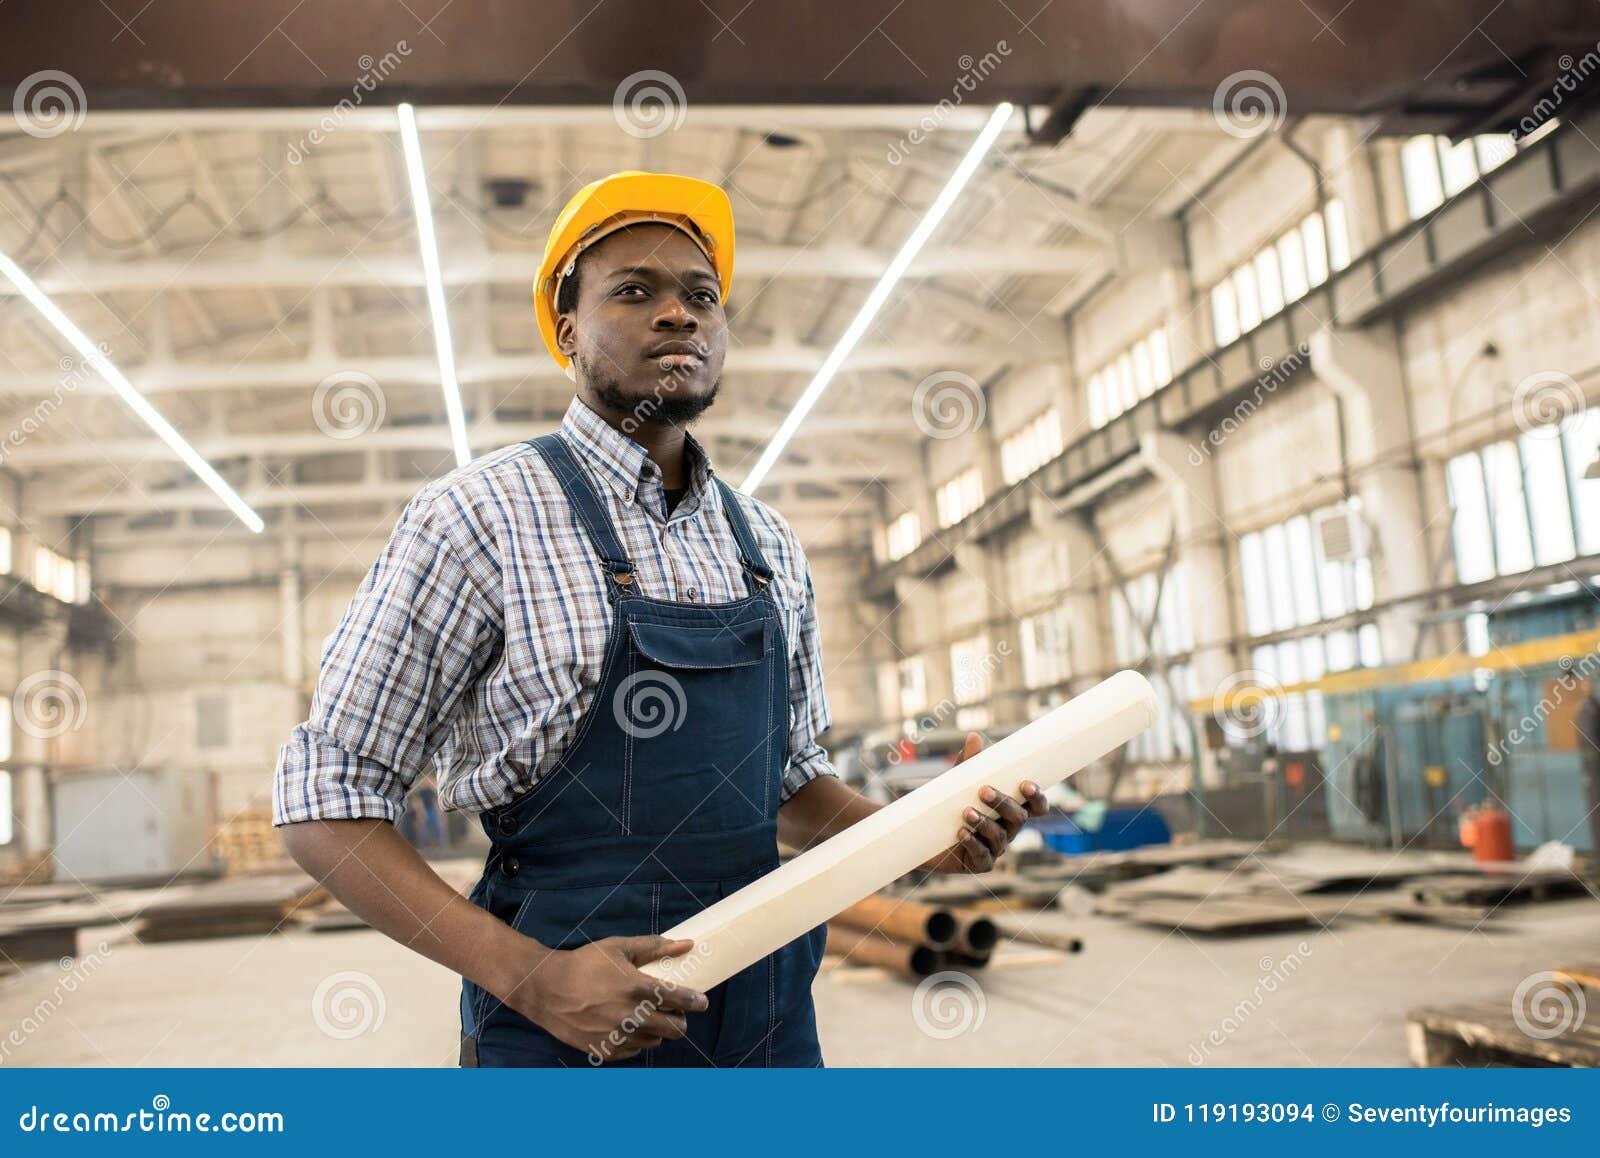 Säker afrikansk amerikankonstruktionschef på arbetsplatsen